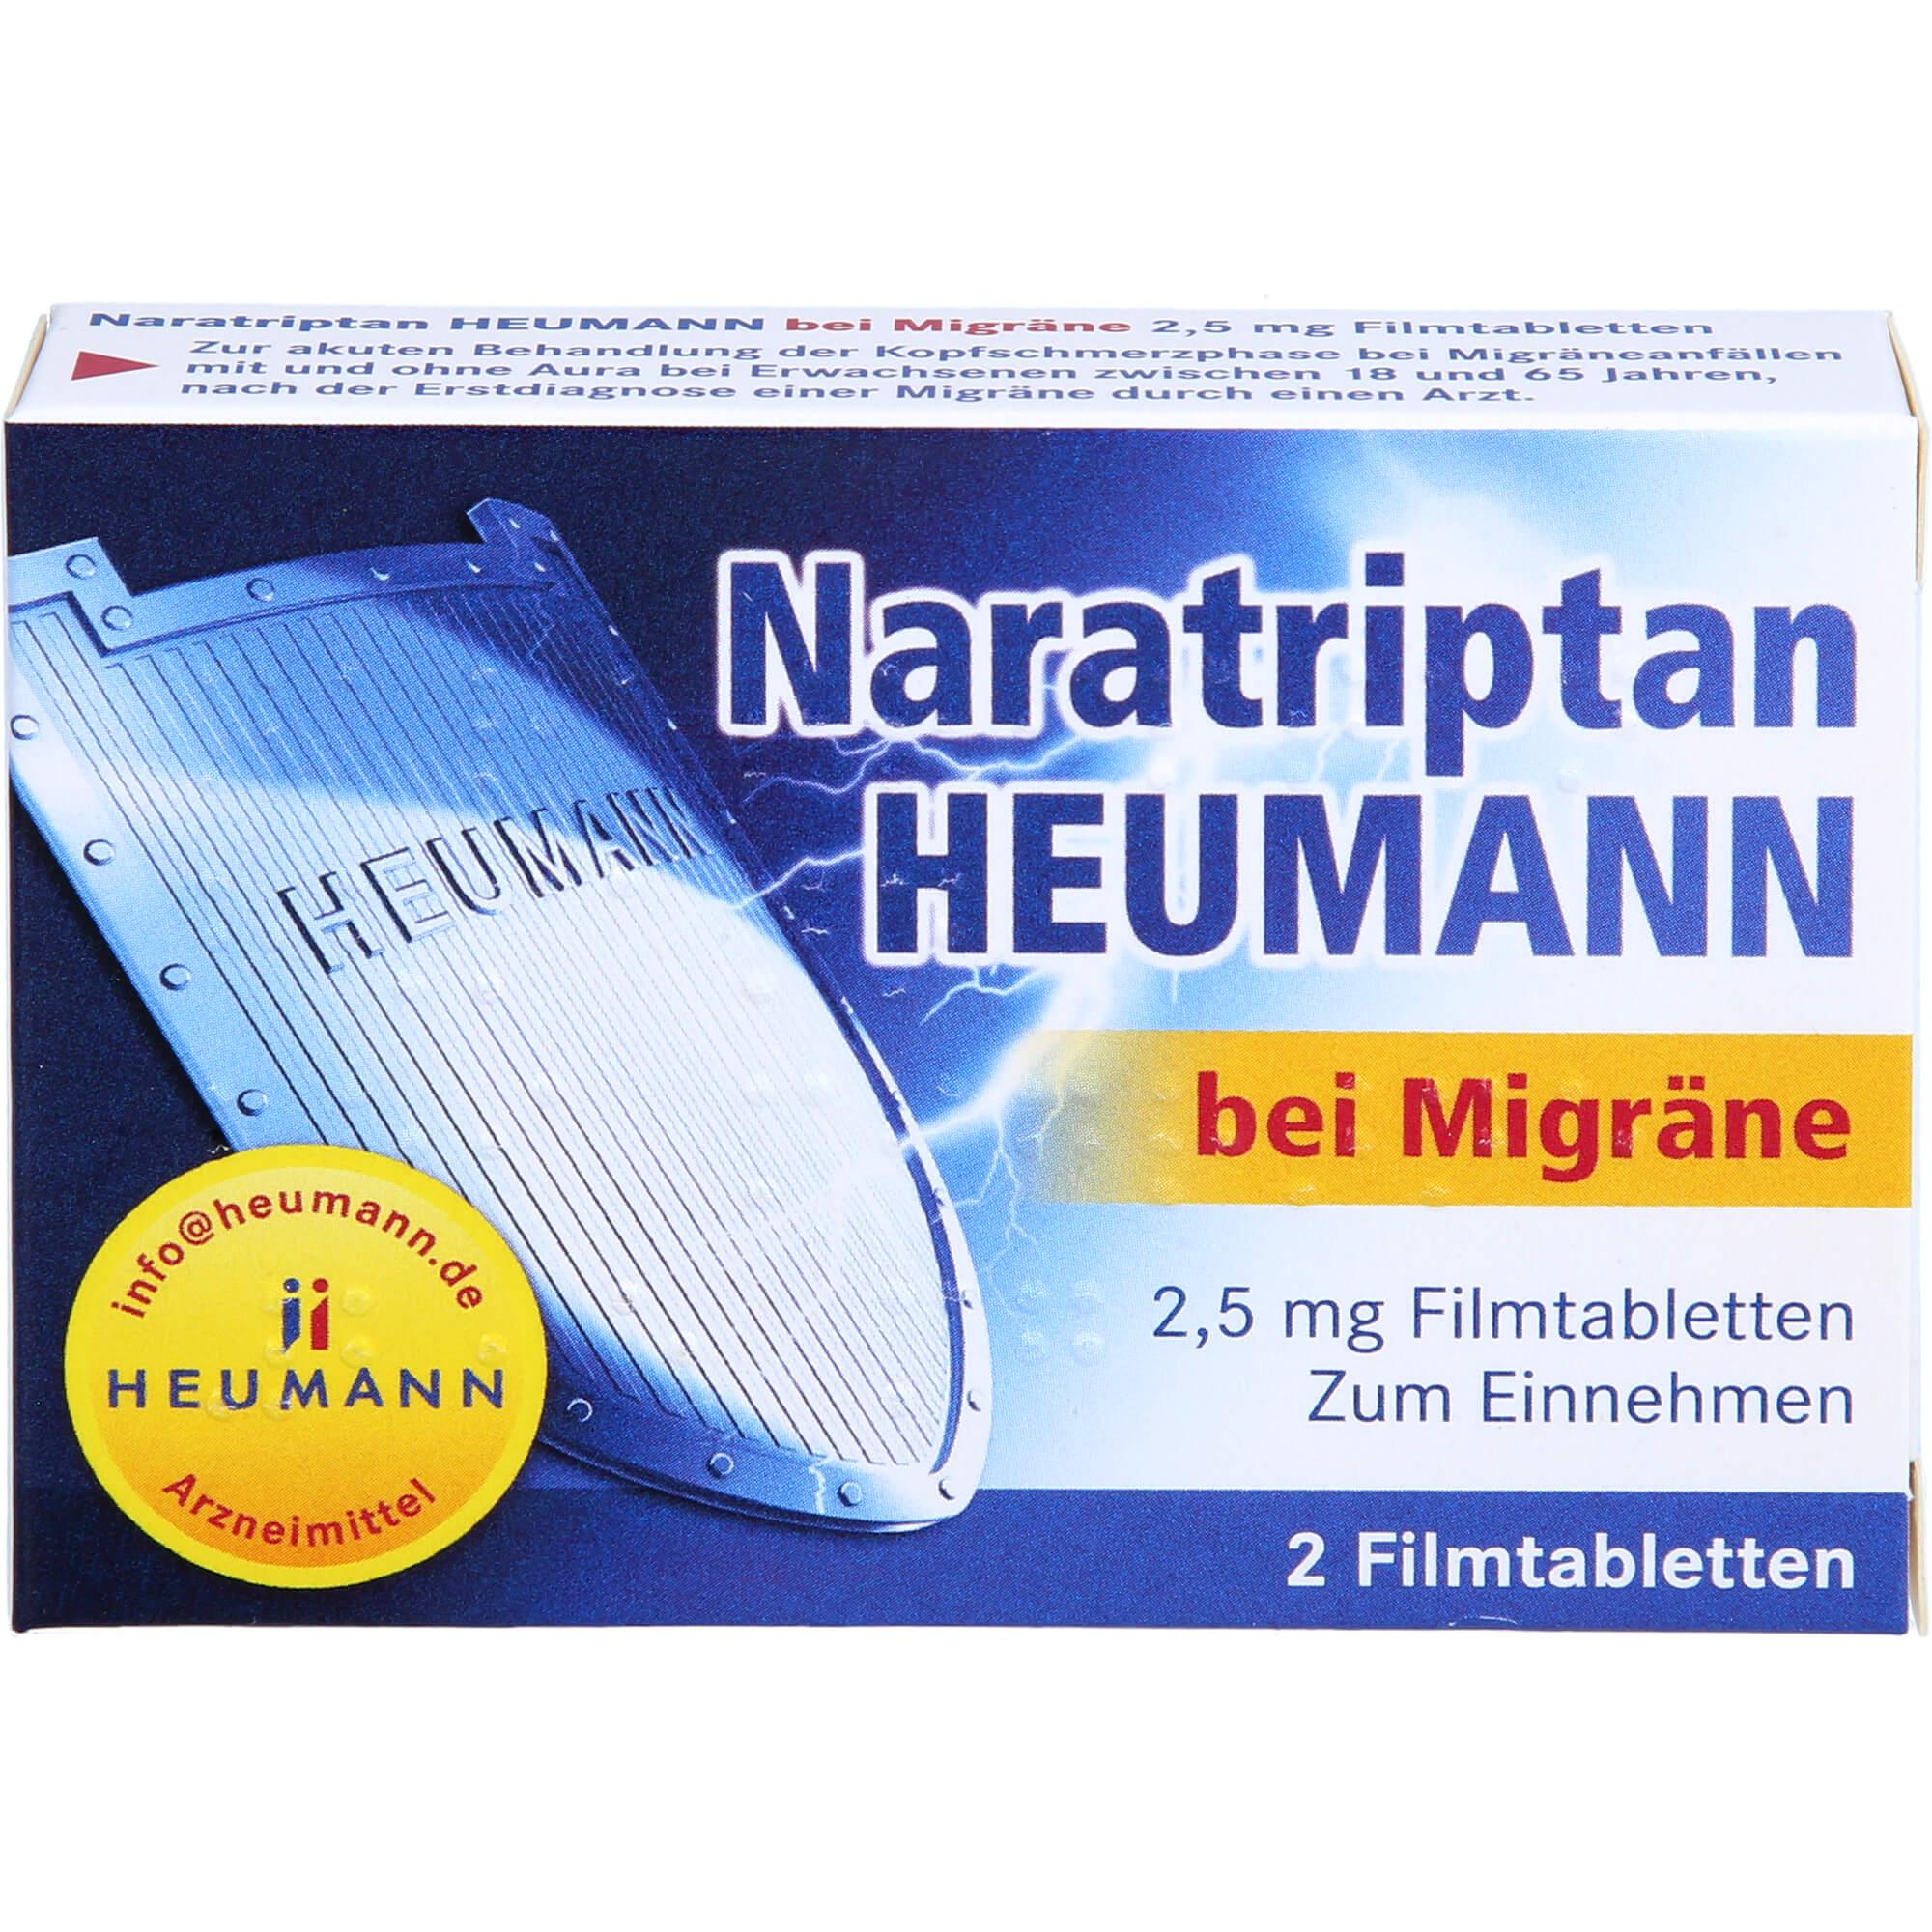 NARATRIPTAN-Heumann-bei-Migraene-2-5-mg-Filmtabl